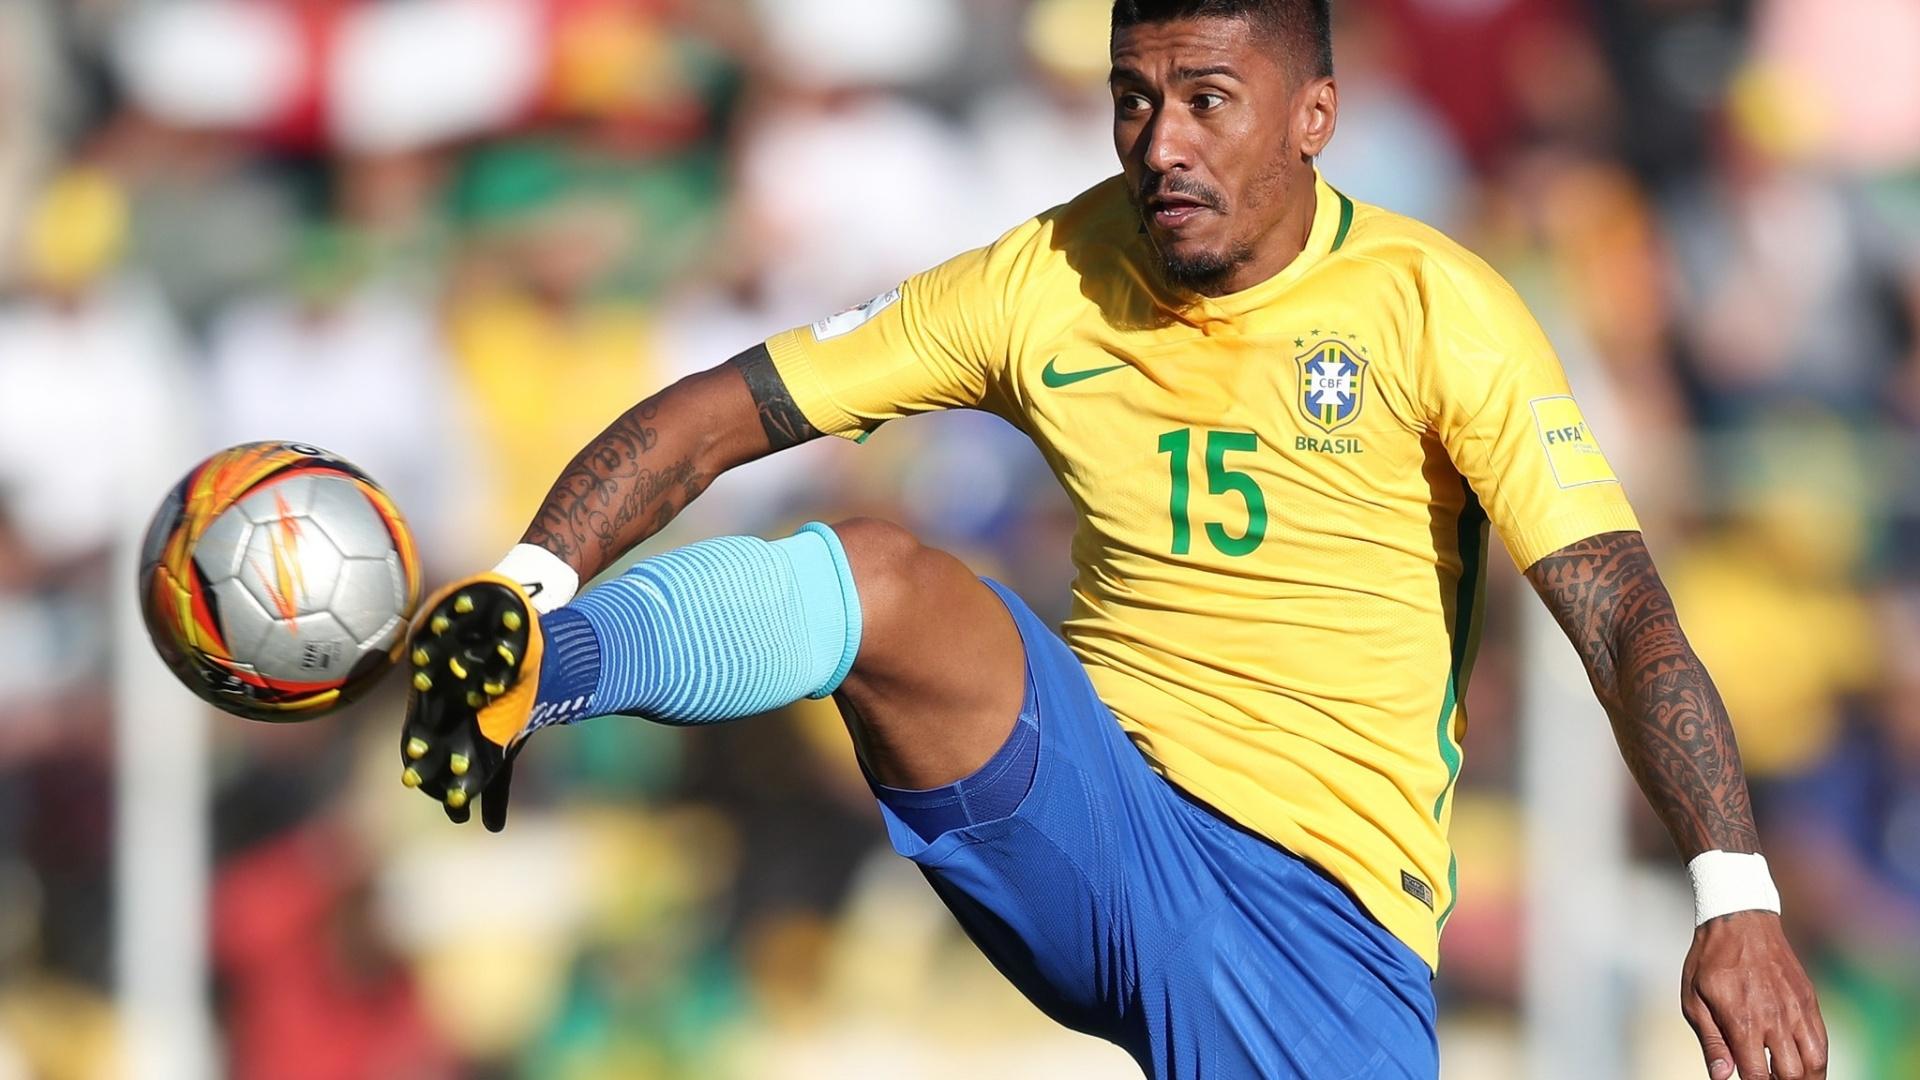 Paulinho domina a bola pelo alto durante o jogo contra a Bolívia